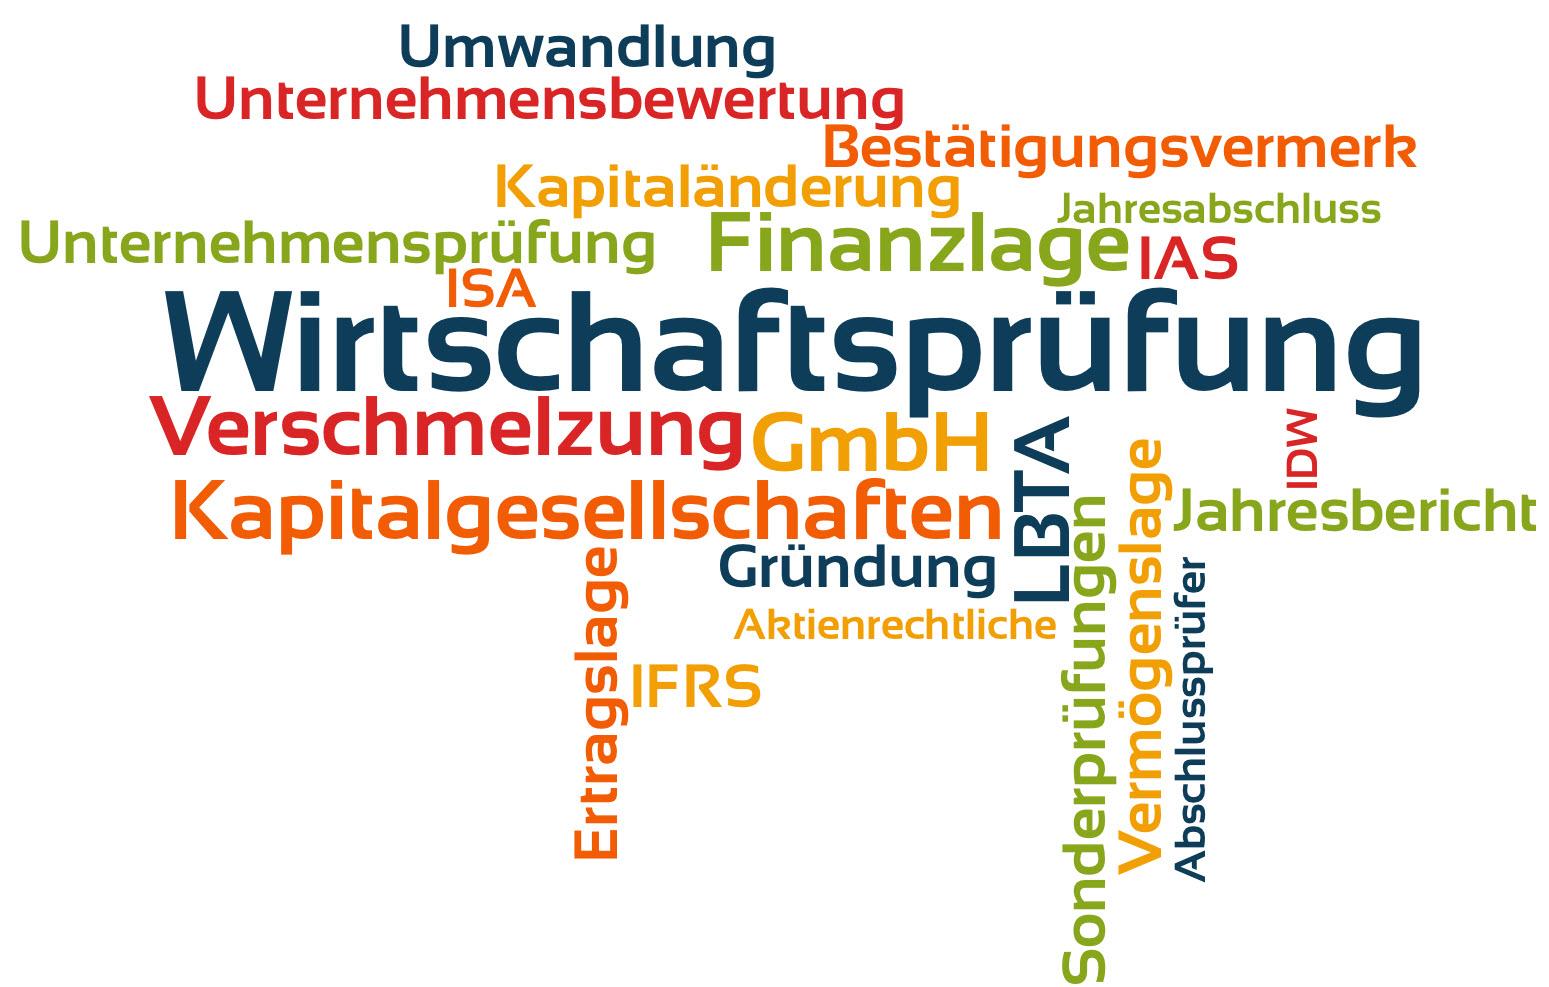 Auf Wirtschaftsprüfung Spezialisiert! Deutsch-Amerikanisches Übersetzerteam. Verbindliches Festpreisangebot - Setzen Sie sich mit uns in Verbindung!